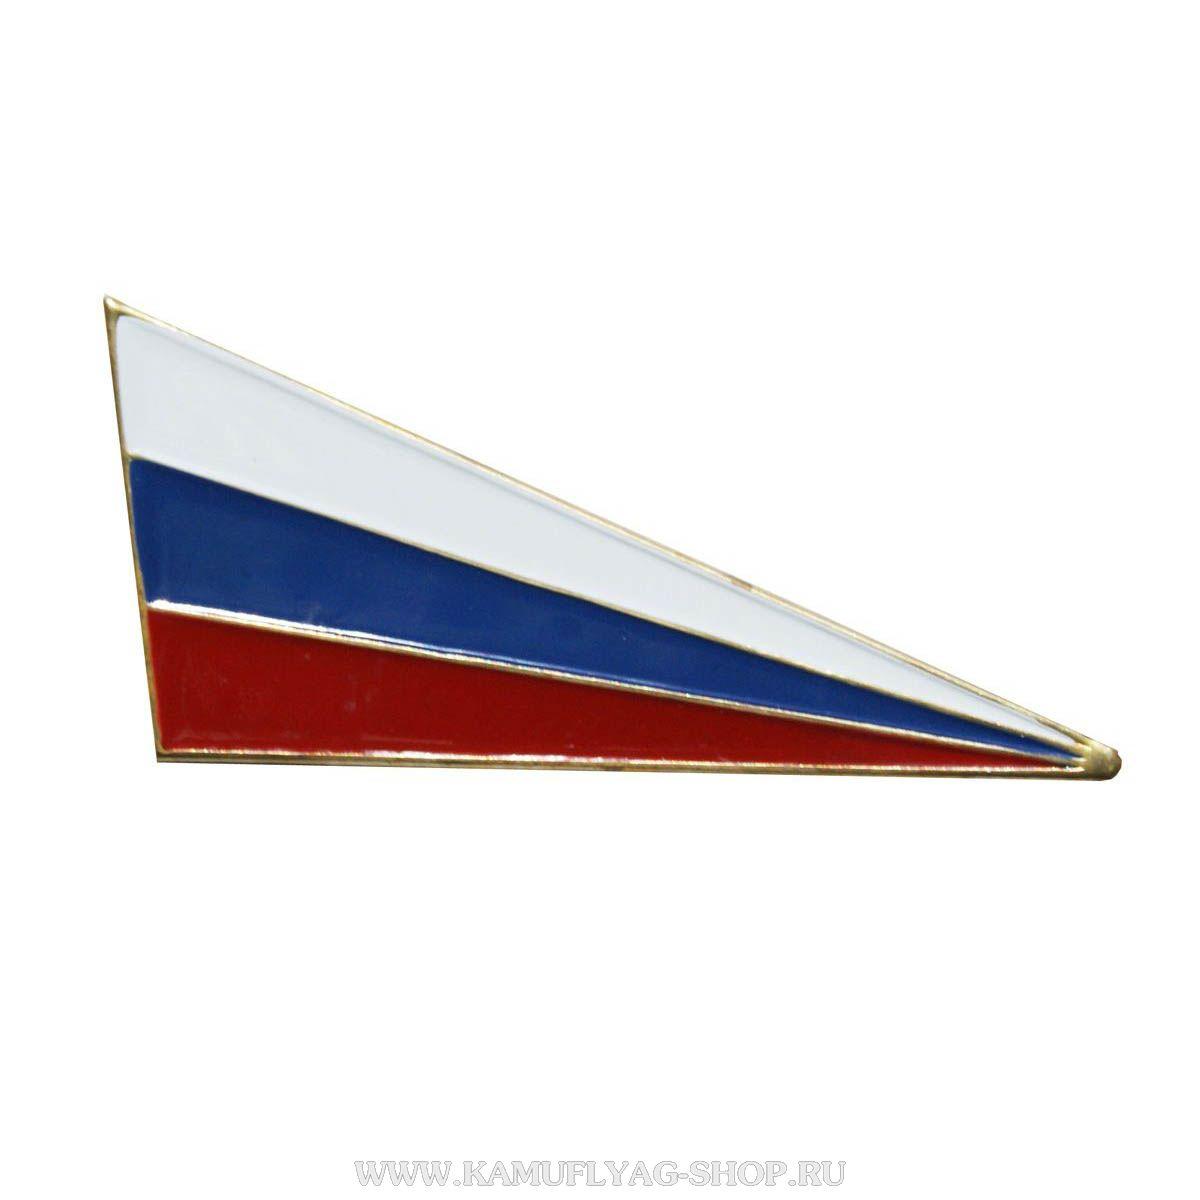 Флажок на берет неуставной,уголок флаг РФ, малый